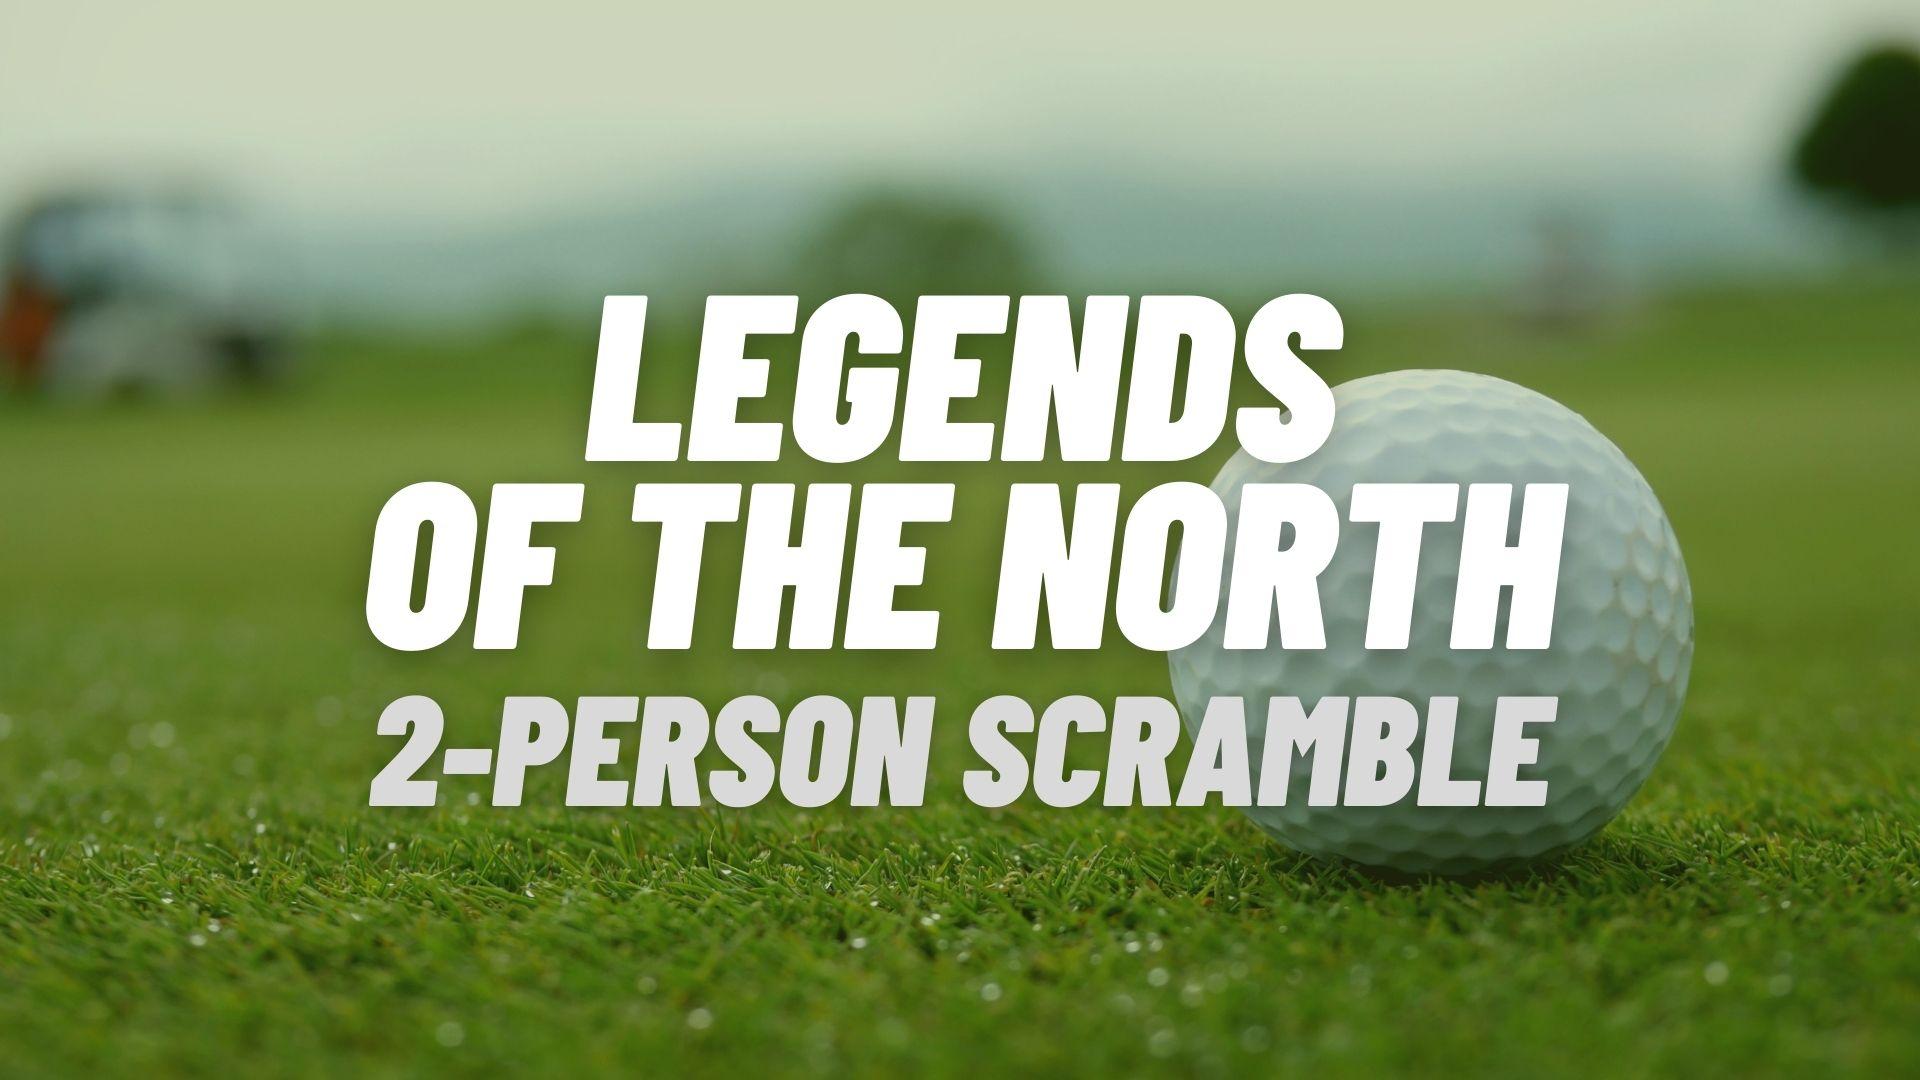 Legends of the North 2 Person Scramble